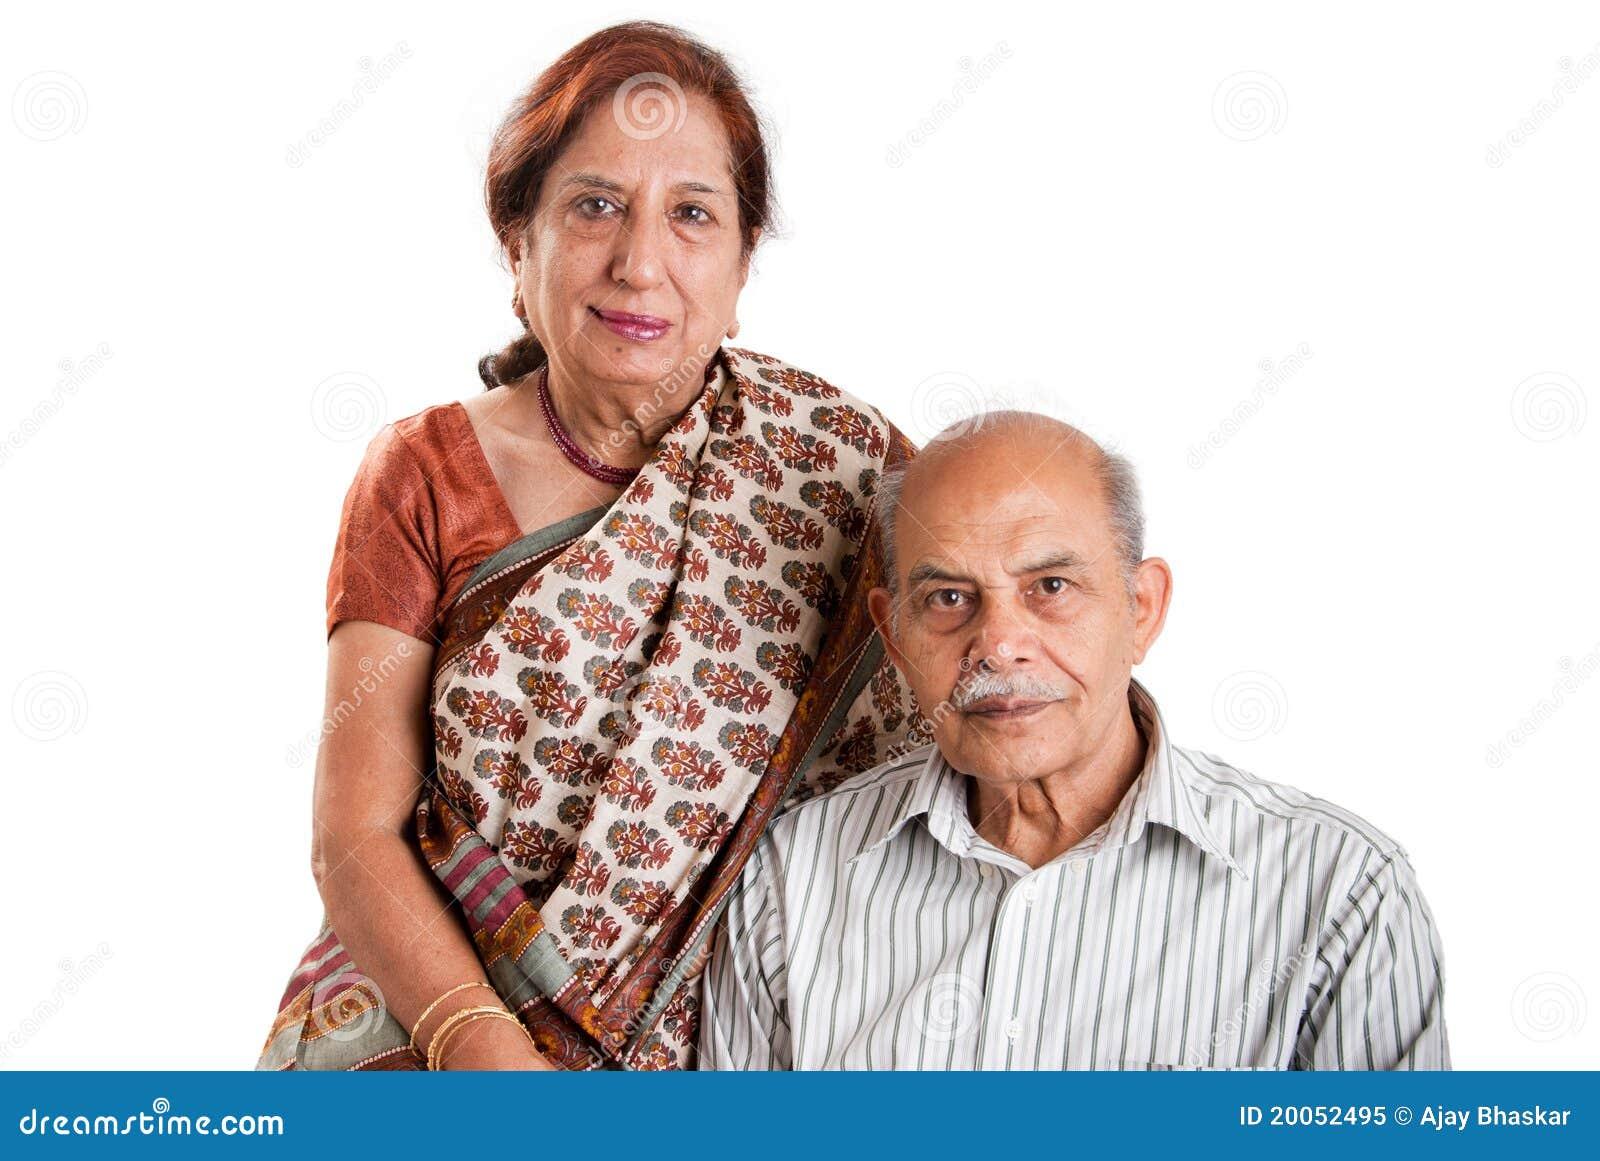 Senior Indian Couple Royalty Free Stock Photo Image